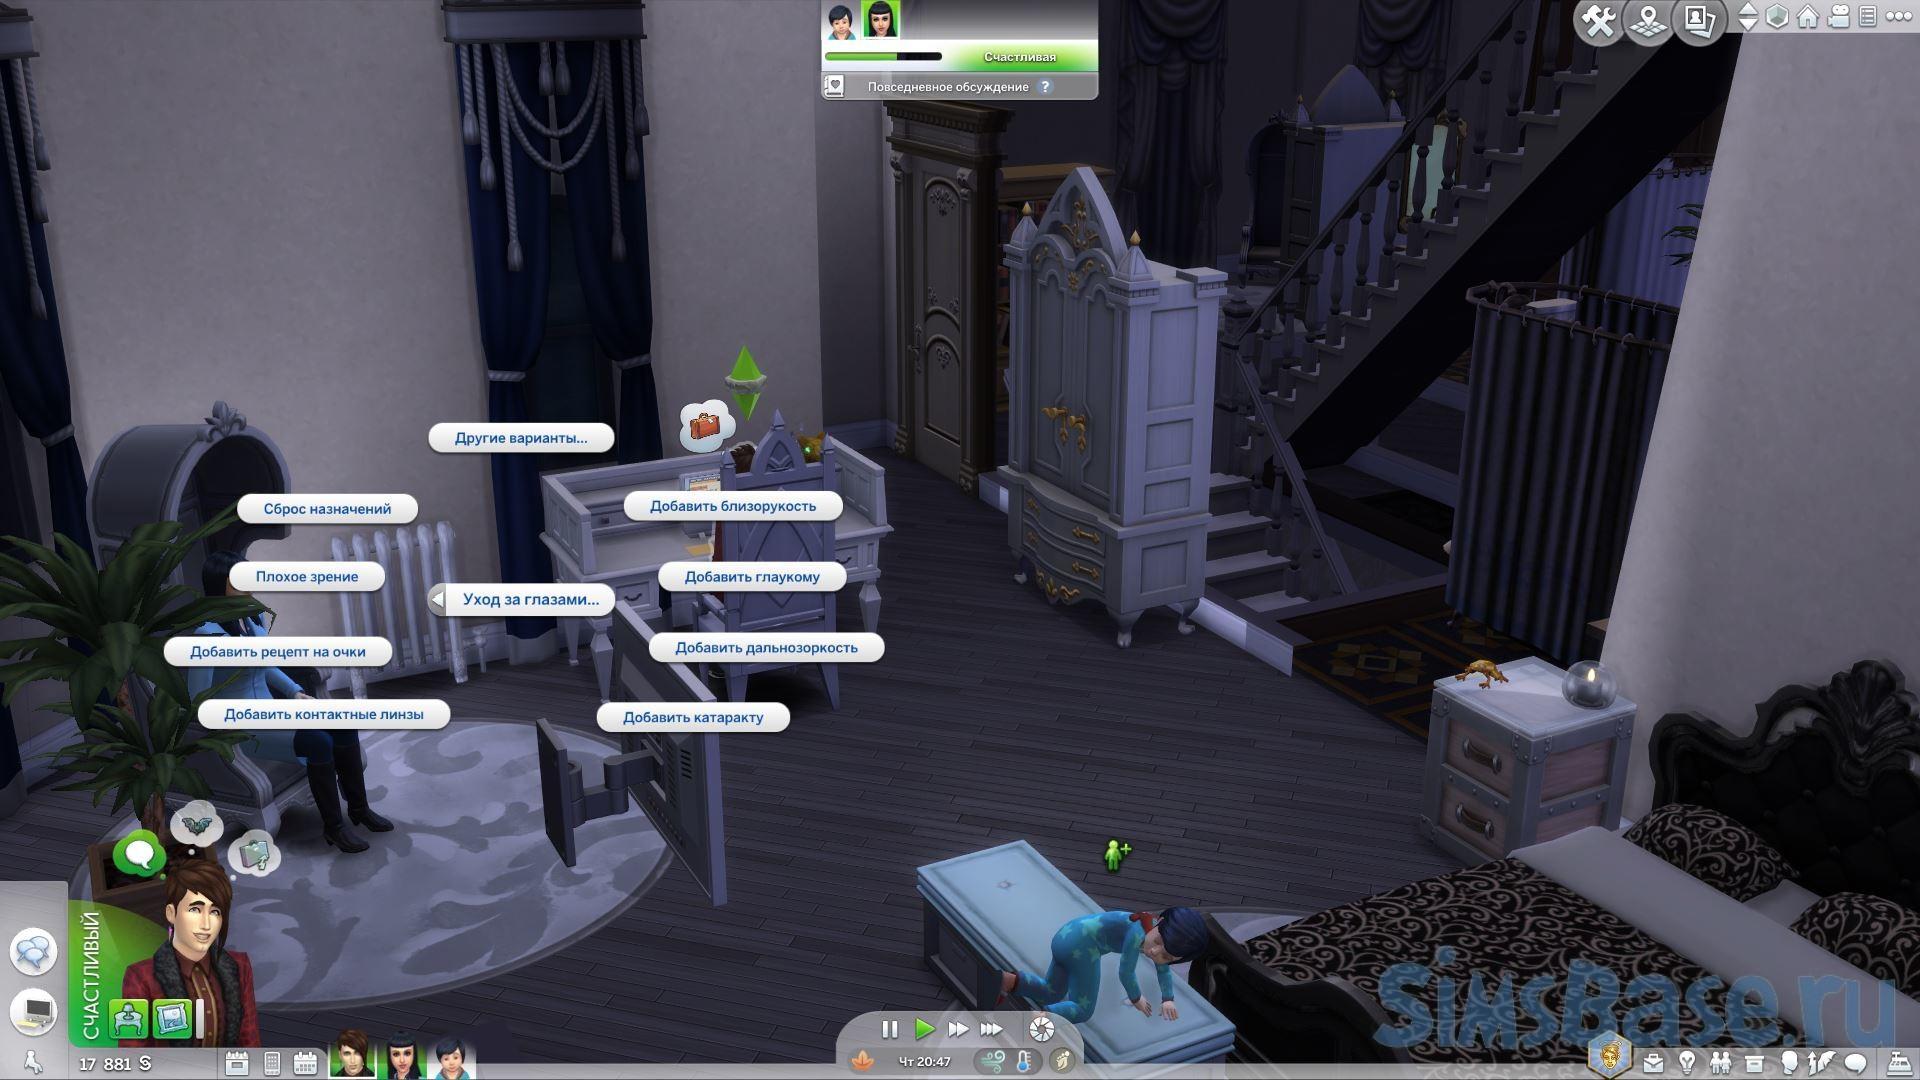 Мод «Болезни глаз и их лечение или Eye Care» от adeepindigo для Sims 4